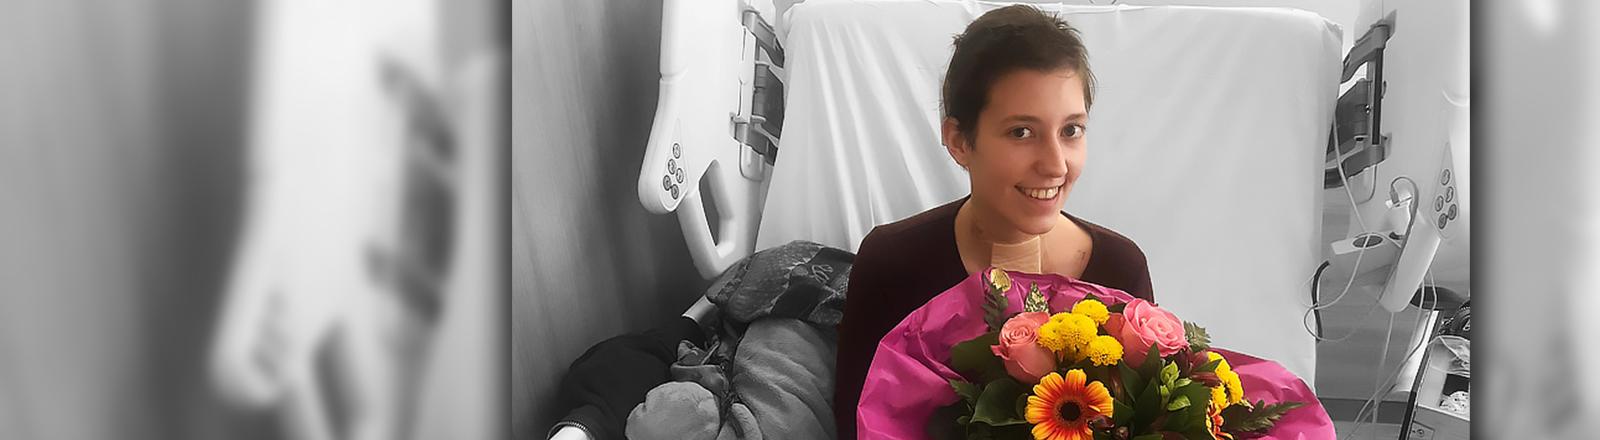 Luisa sitzt mit einem Blumenstrauß in ihrem Krankenbett